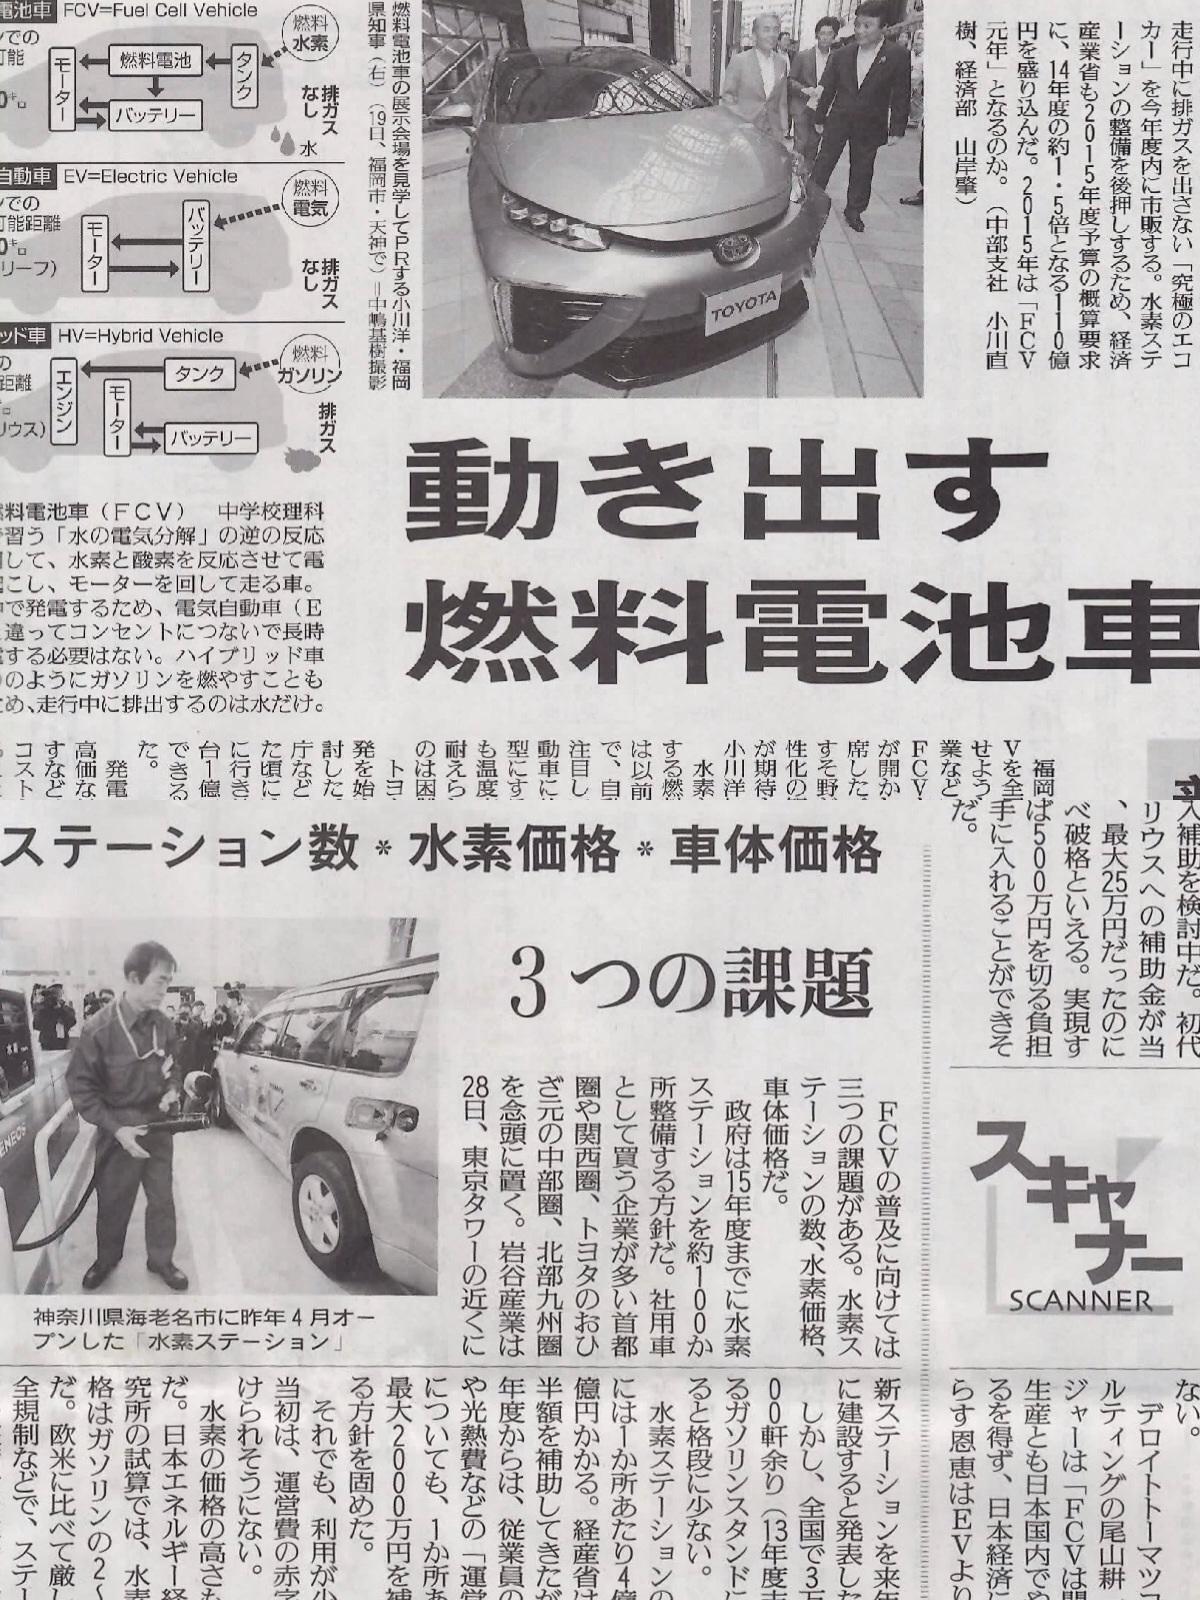 燃料電池車 読売